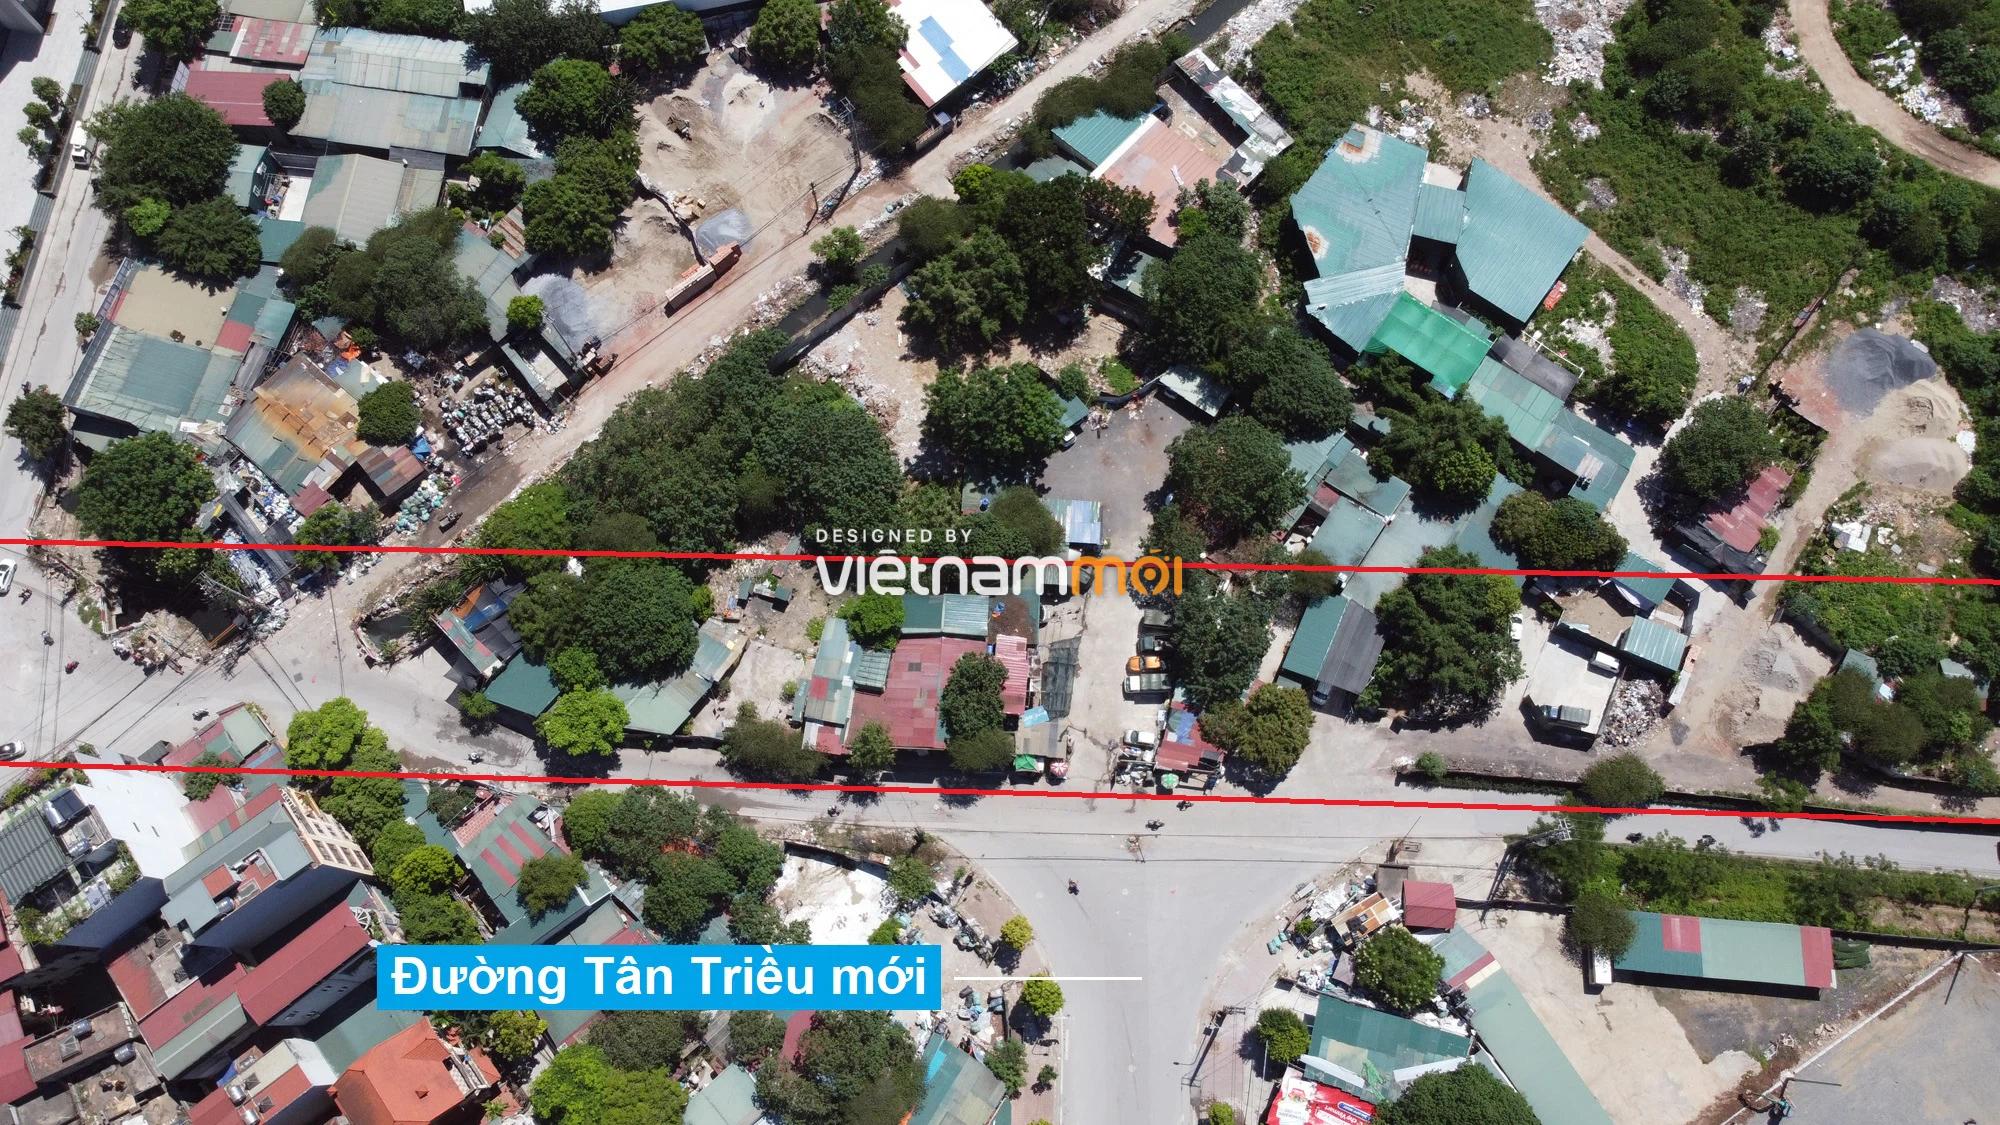 Những khu đất sắp thu hồi để mở đường ở xã Tân Triều, Thanh Trì Hà Nội (phần 1) - Ảnh 4.